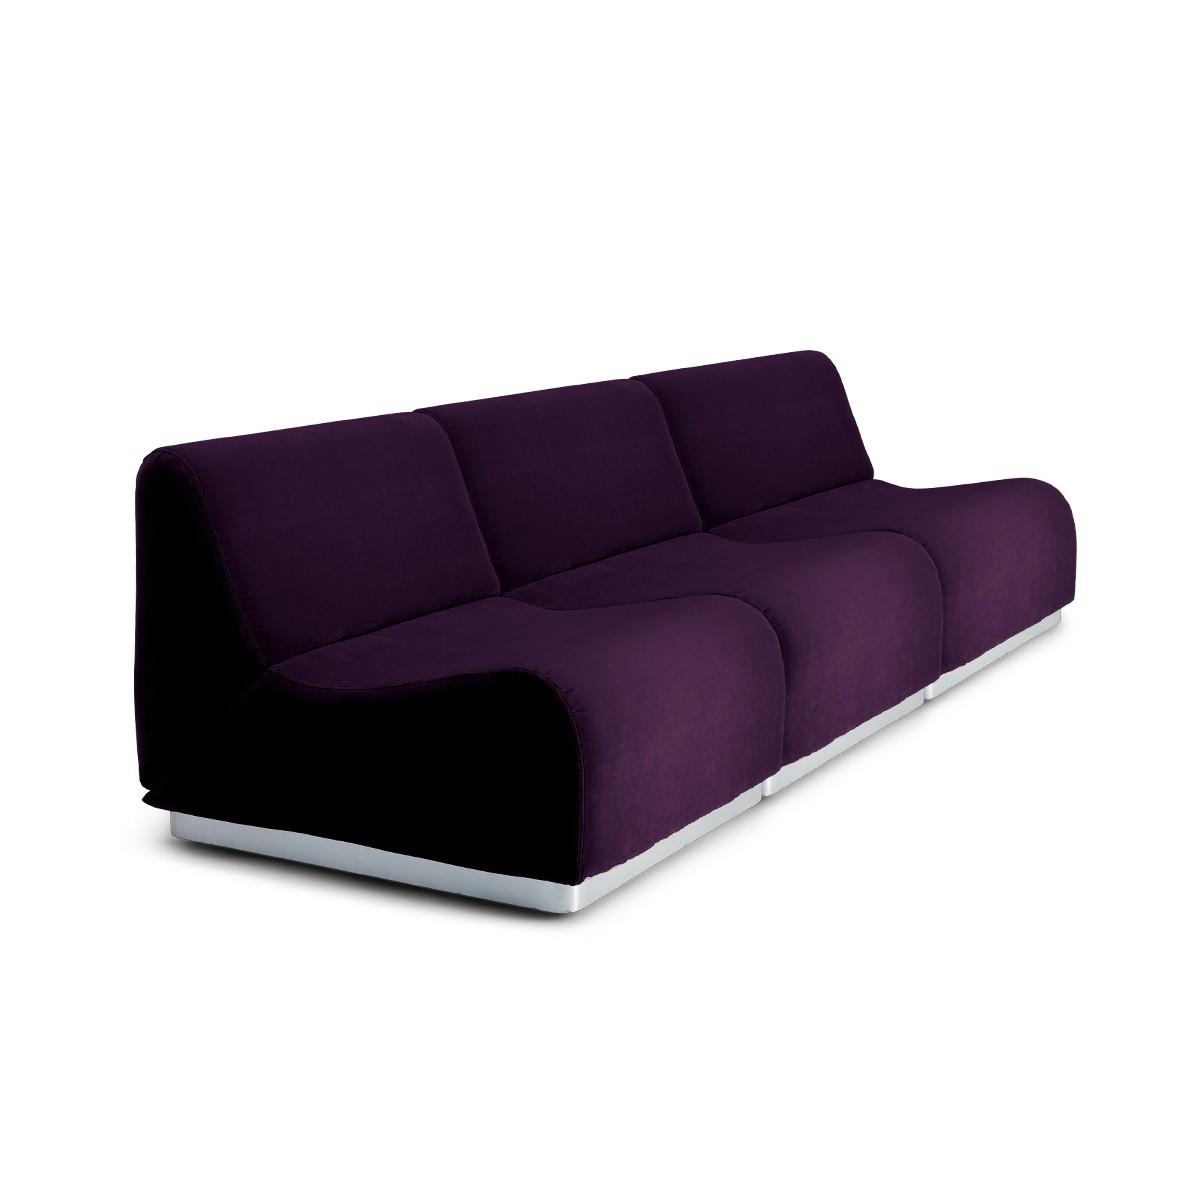 Rotondo Modular Sofa in Plum Velvet